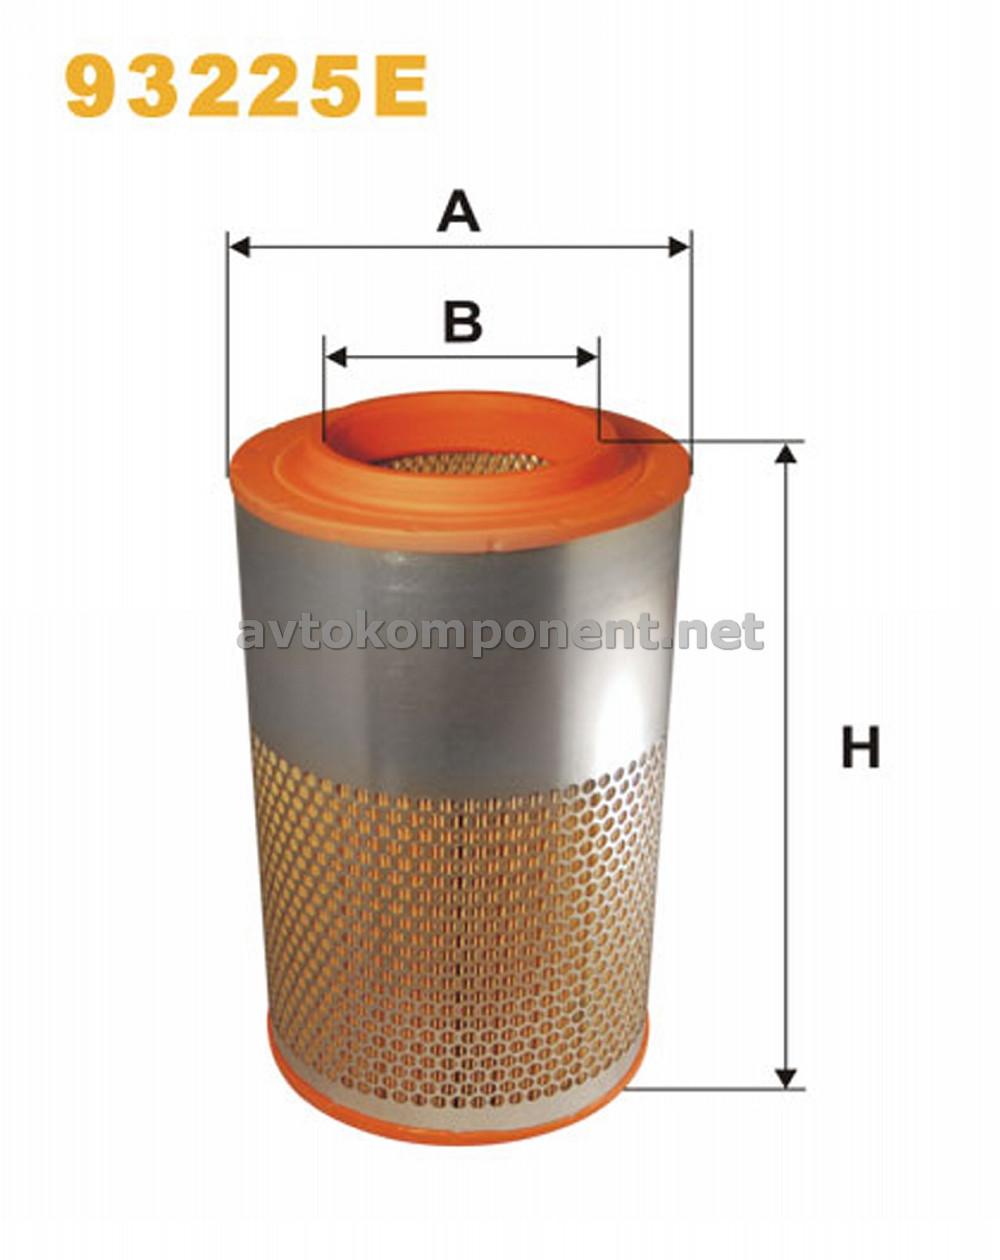 Фильтр воздушный DAF 93225E/AM447/5 (производство WIX-Filtron) (арт. 93225E), ADHZX